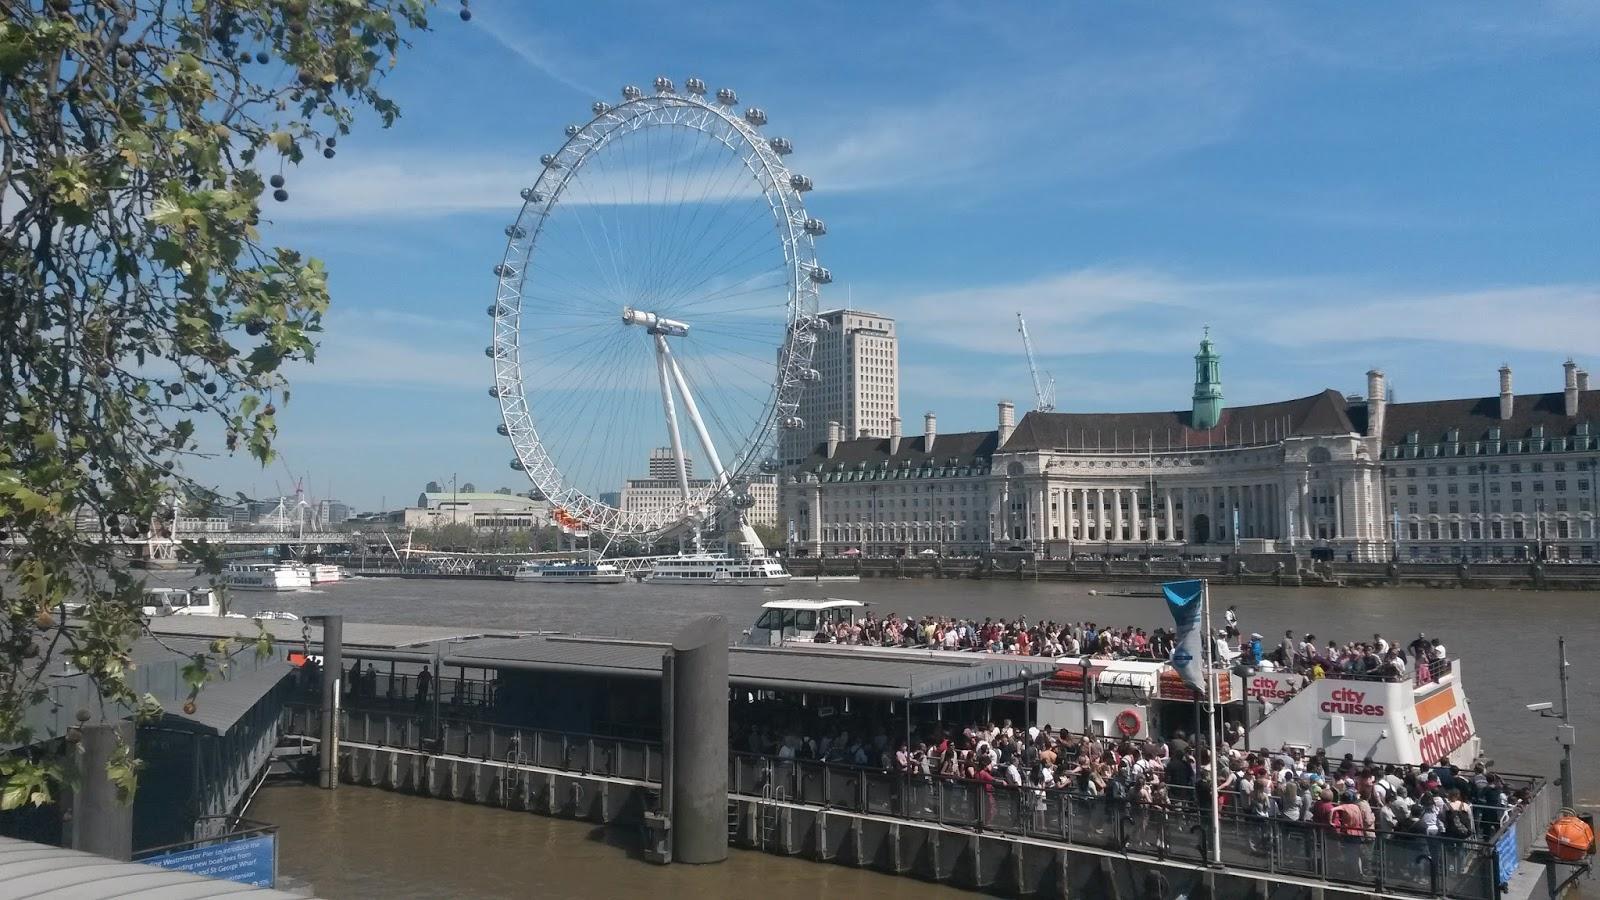 Ein heißer Sonntag in London.